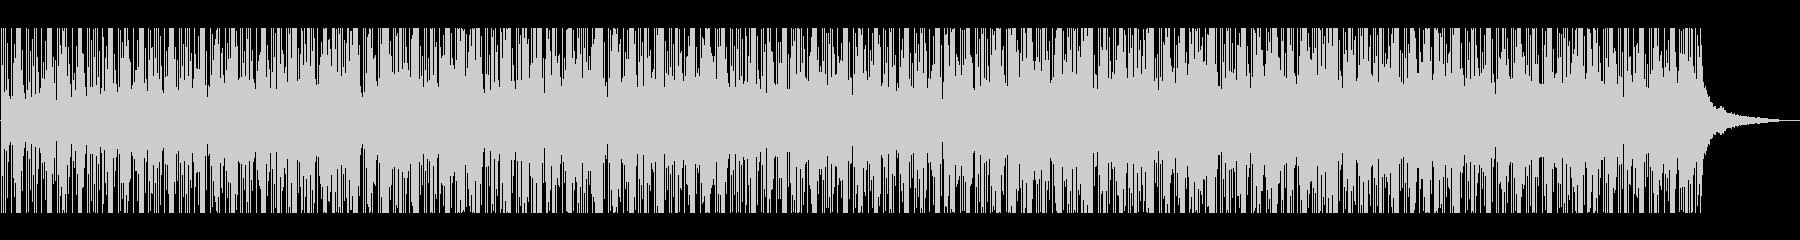 ピアノ・アンビエント・カフェ・浮遊感の未再生の波形